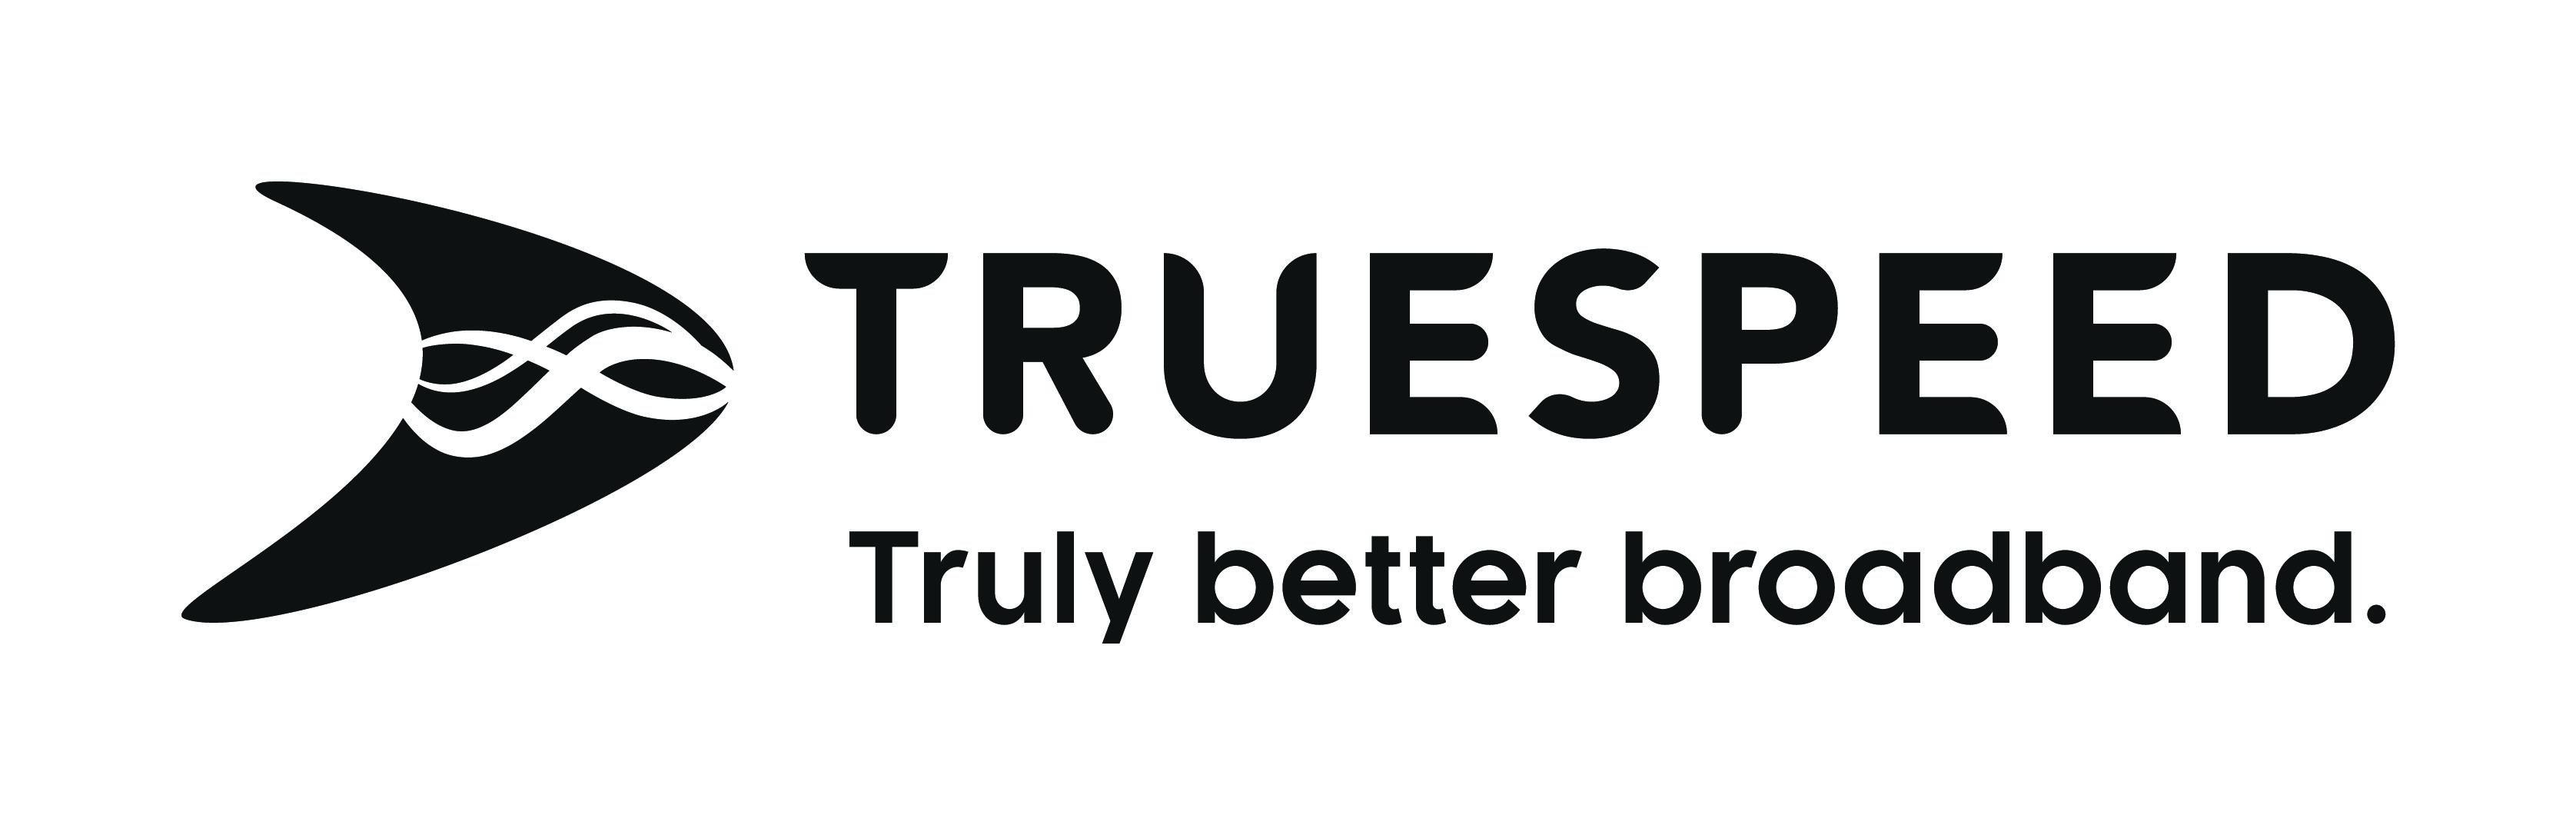 Truespeed